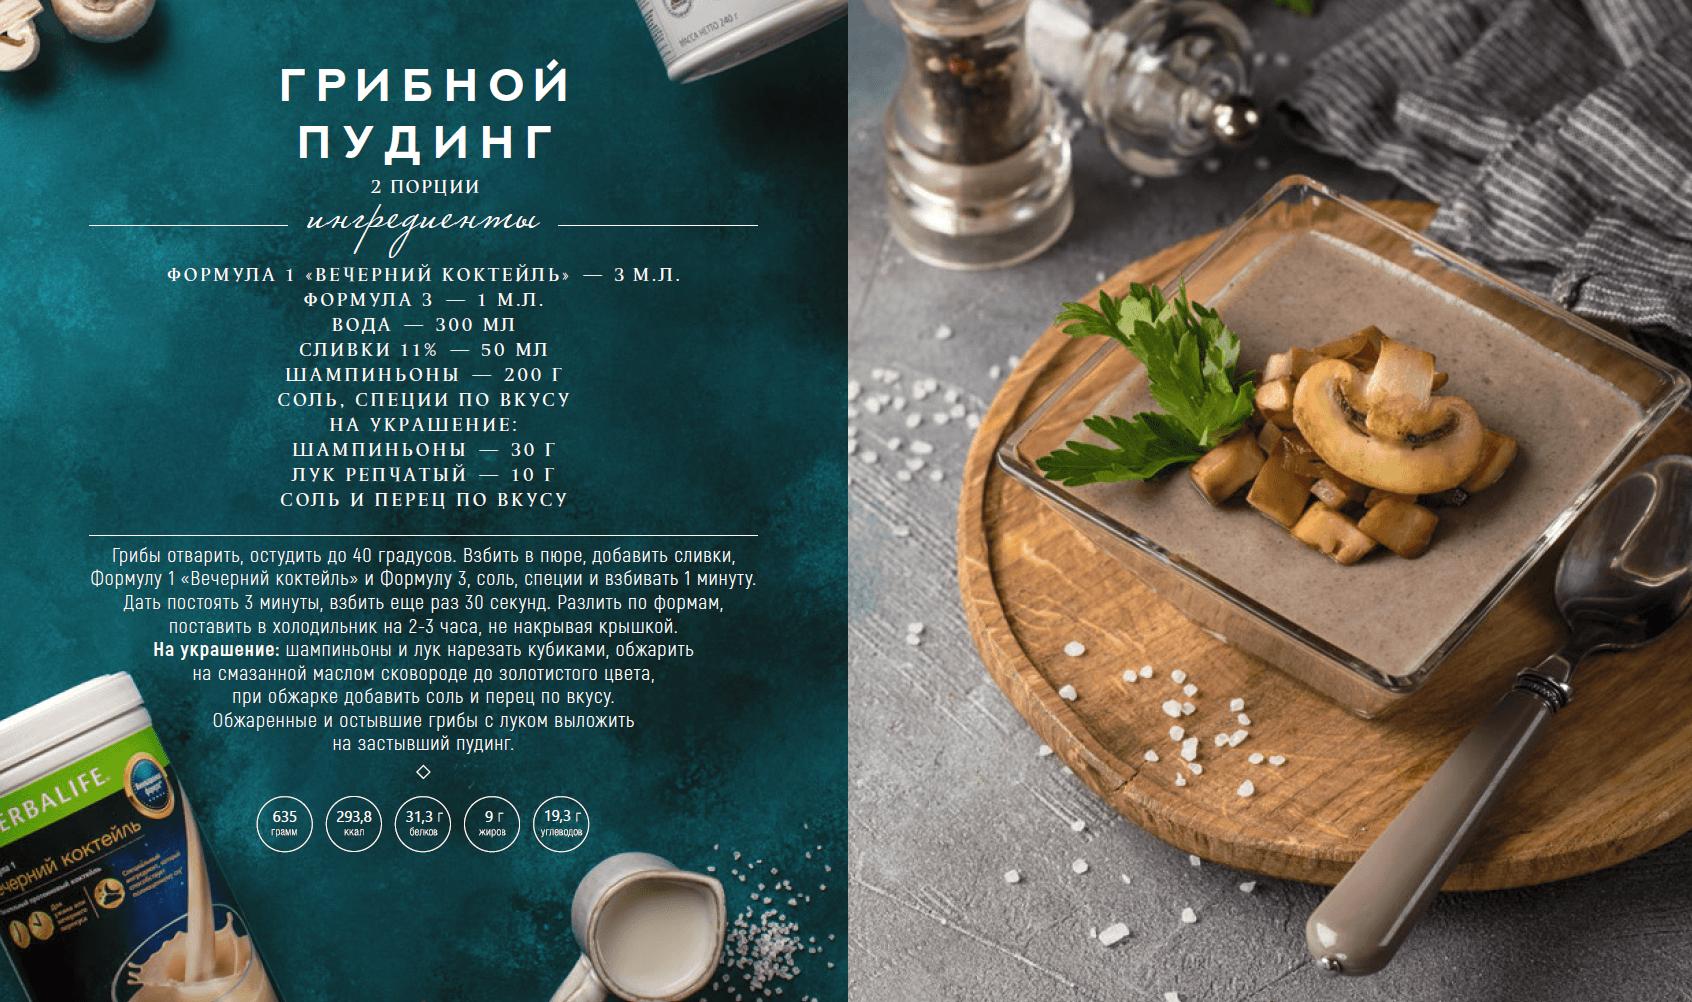 рецепт пудинга гербалайф грибной